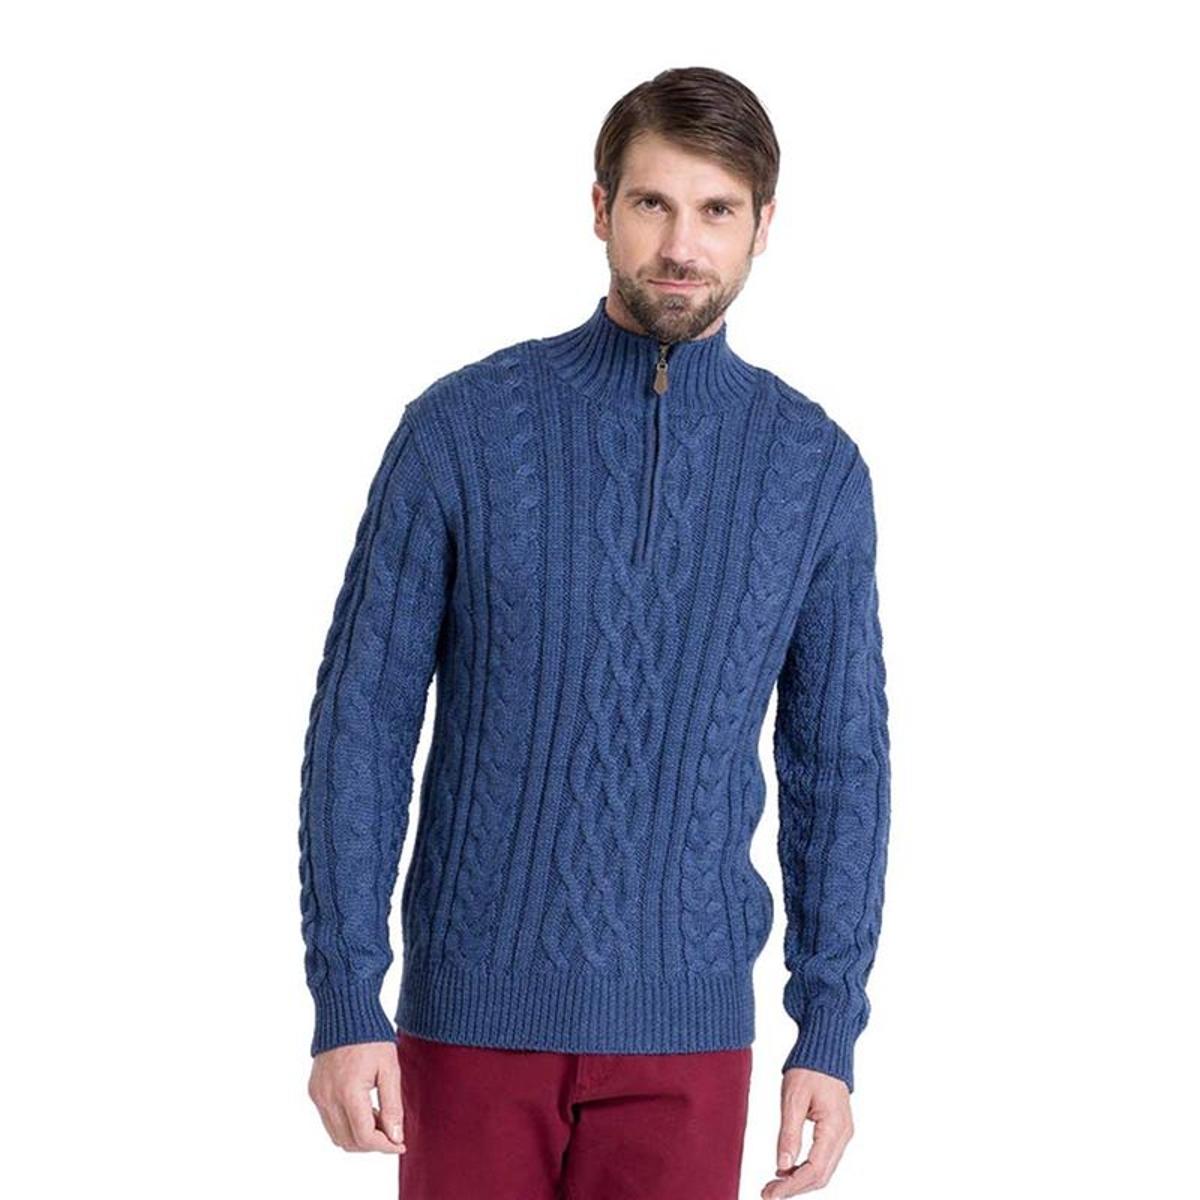 Pull irlandais en maille torsadée à col zippé en pure laine